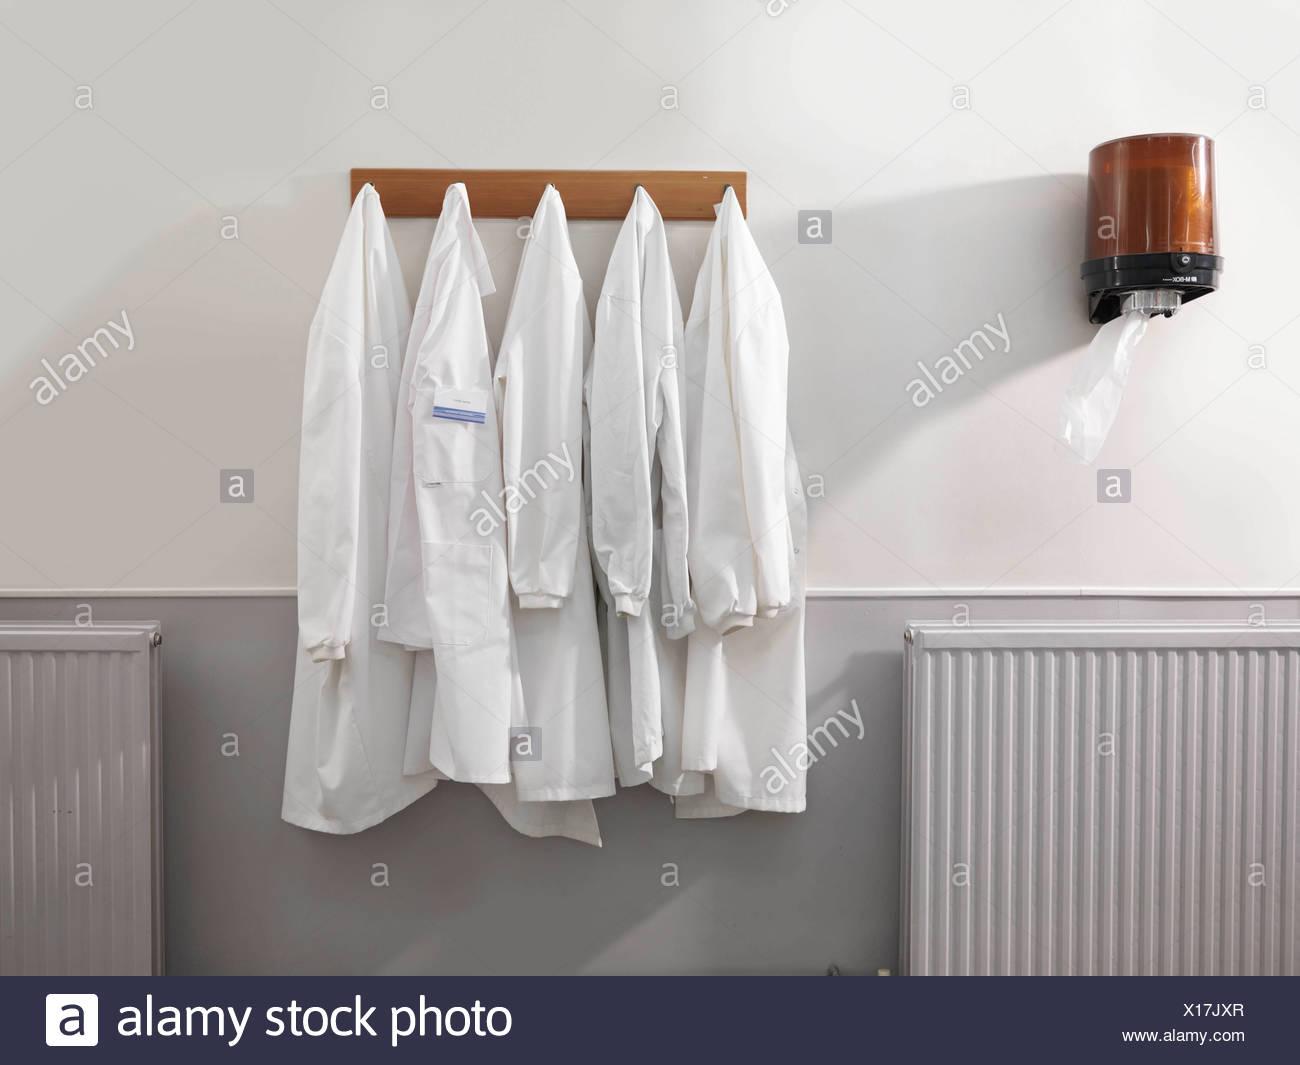 Coats Hanging Stock Photos & Coats Hanging Stock Images - Alamy on white coat storage, white coat shoes, white coat art, white coat clothing, white coat marketing, white coat style, white coat furniture, white coat outfit, white coat books, white coat bench,